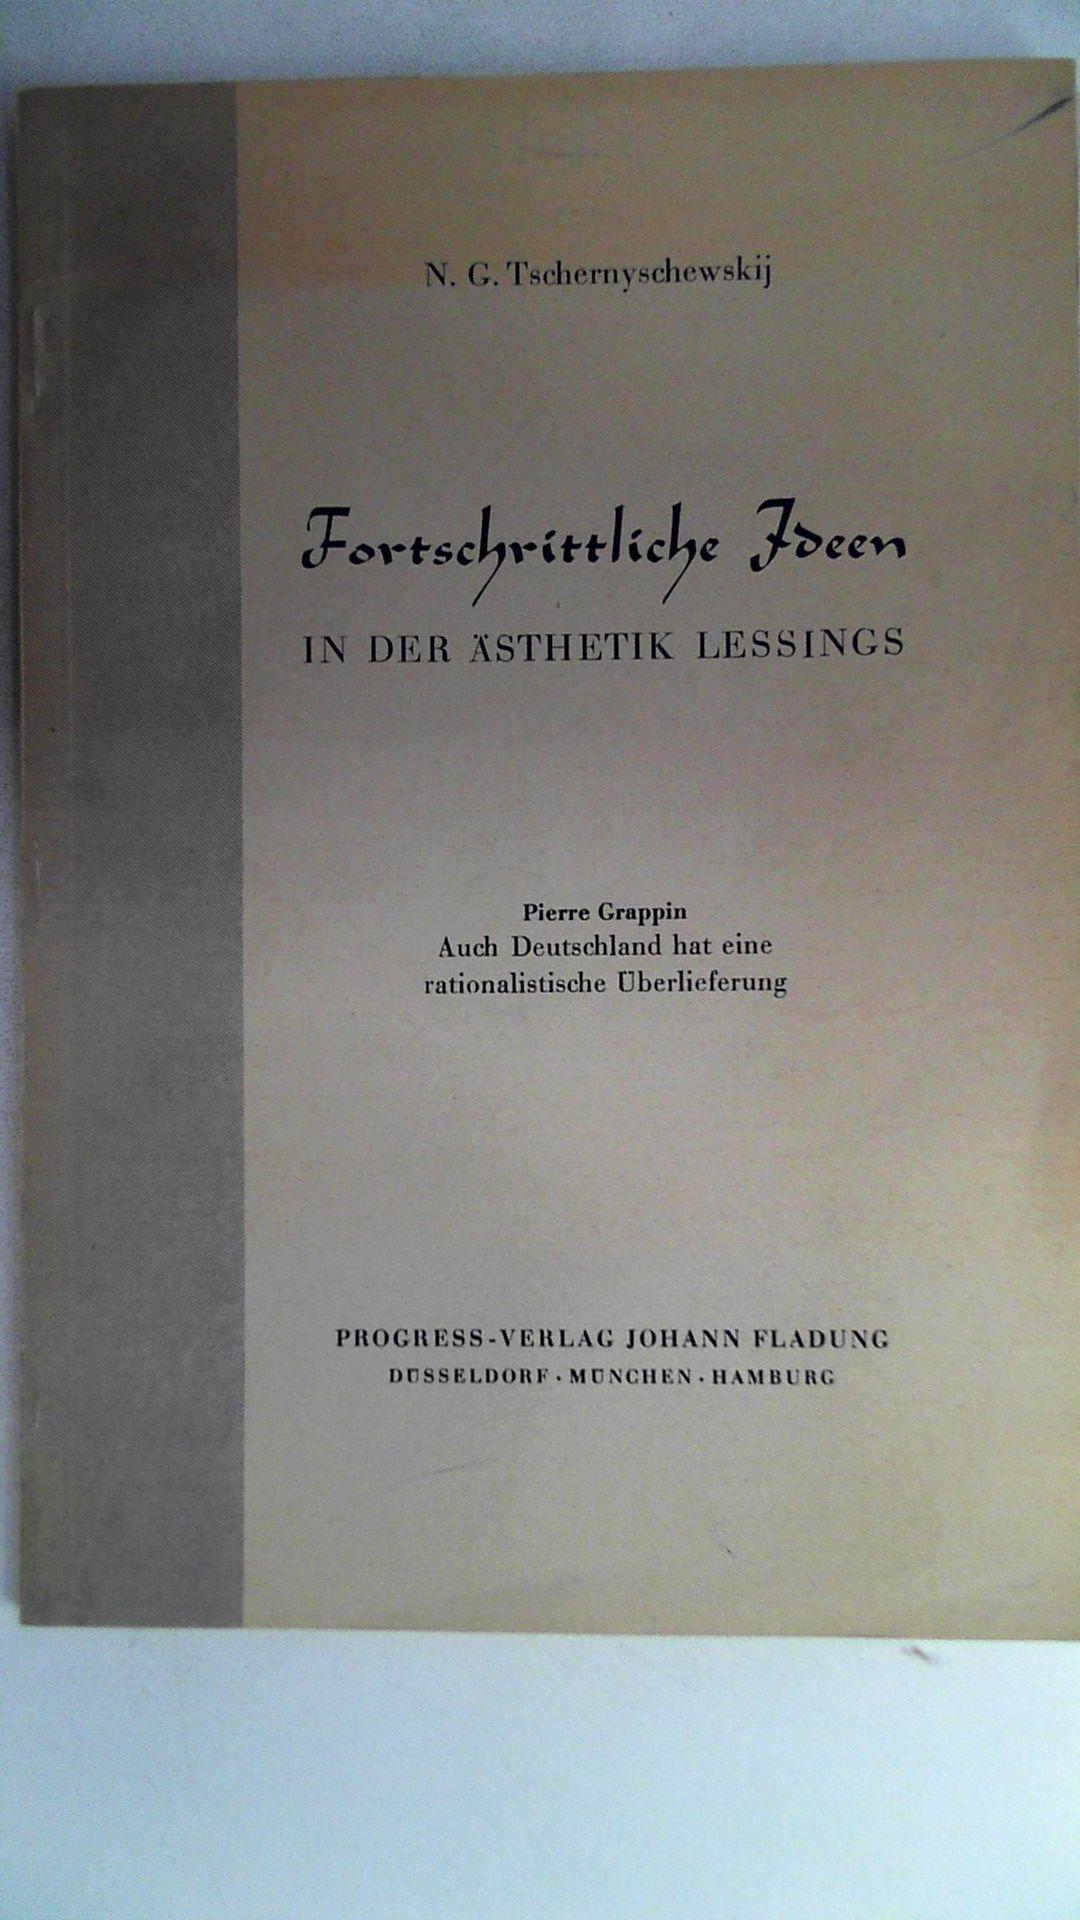 Fortschrittliche Ideen in der Ästhetik Lessings,: Tschernyschewskij N.(Nikolai) G.(Gawrilowitsch)Pierre